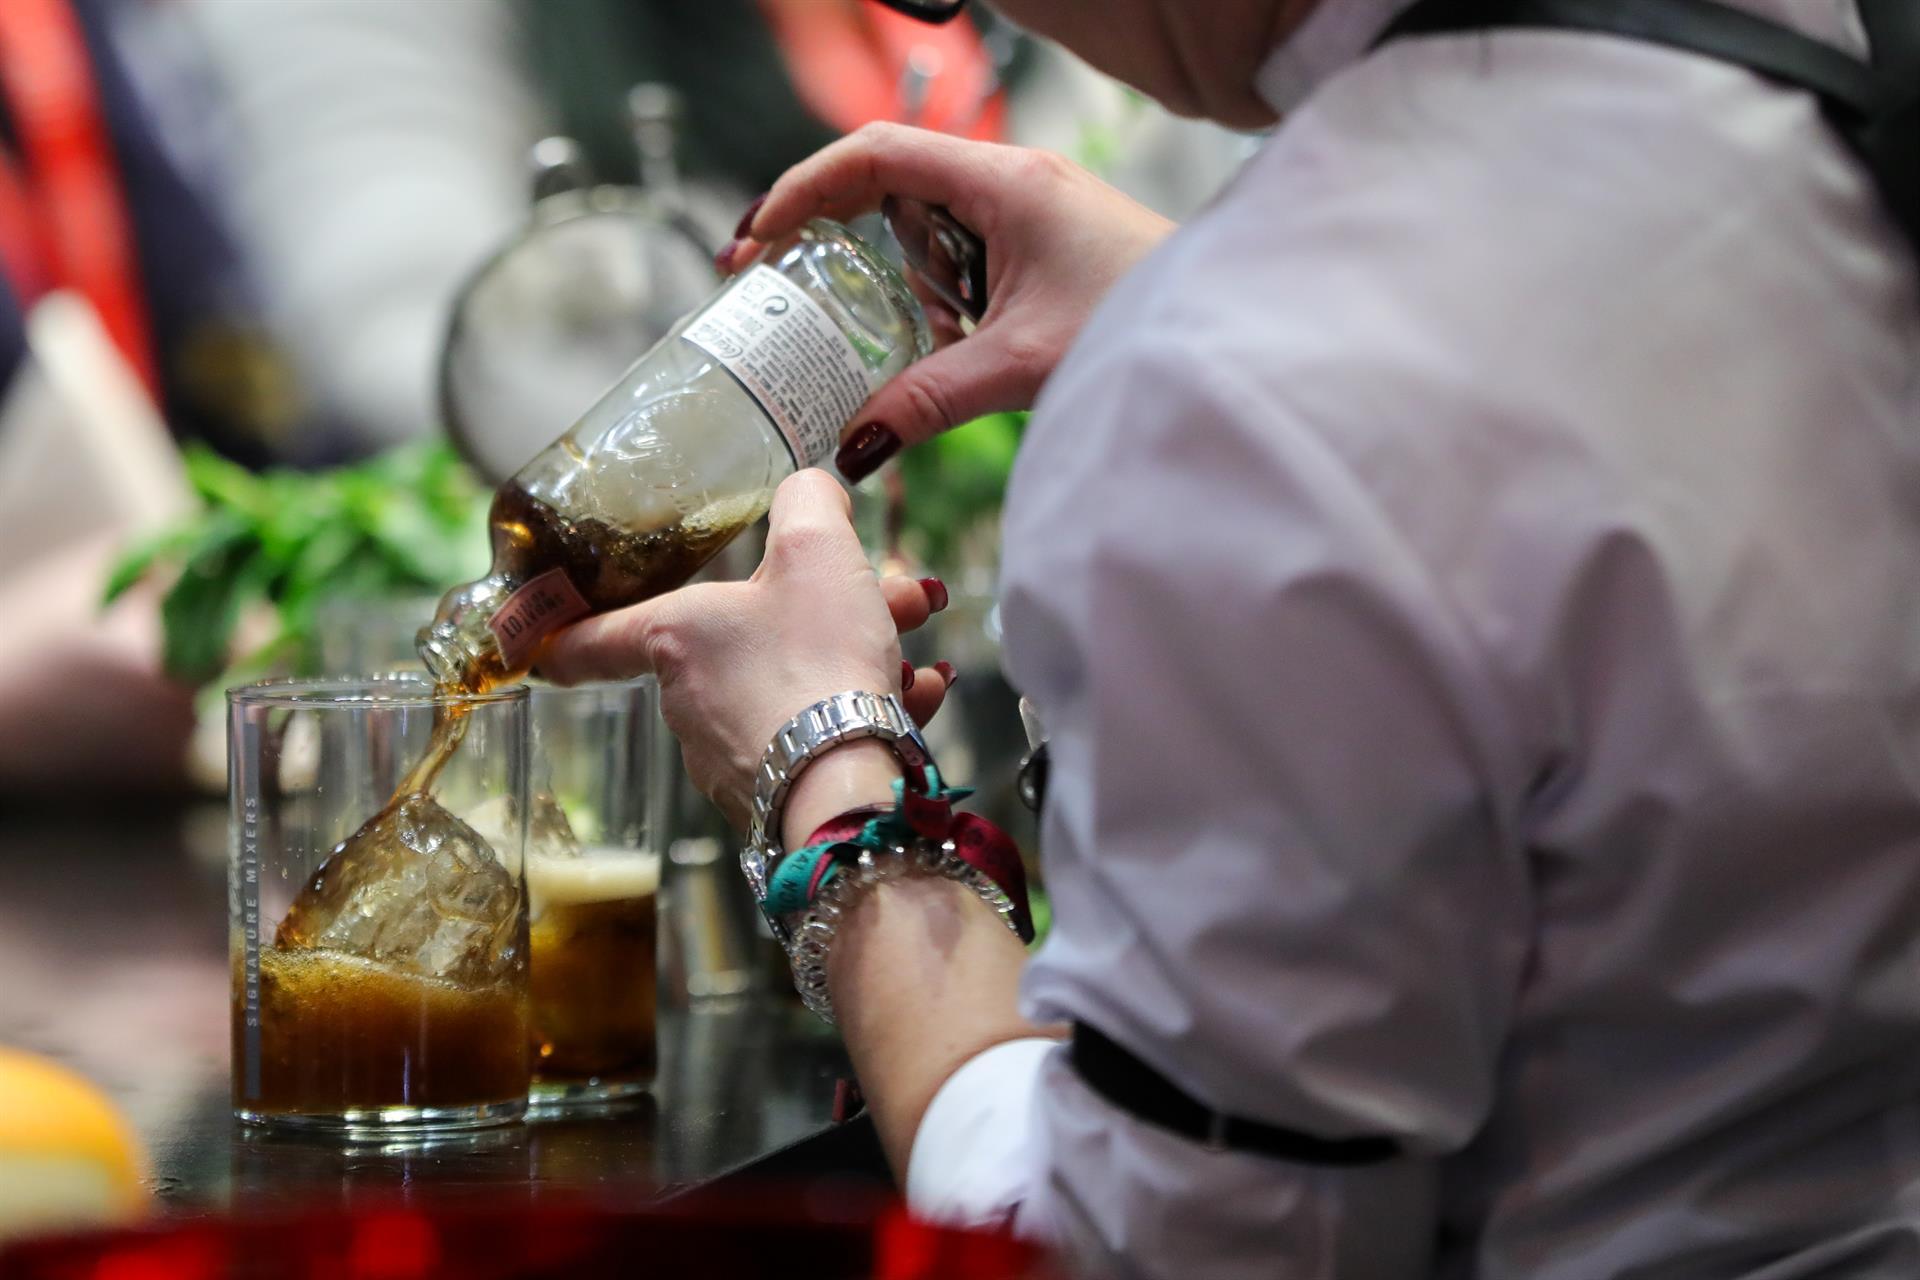 Salud recuerda la prohibición de vender alcohol a menores de 18 años y los riesgos del consumo, que aumenta en verano